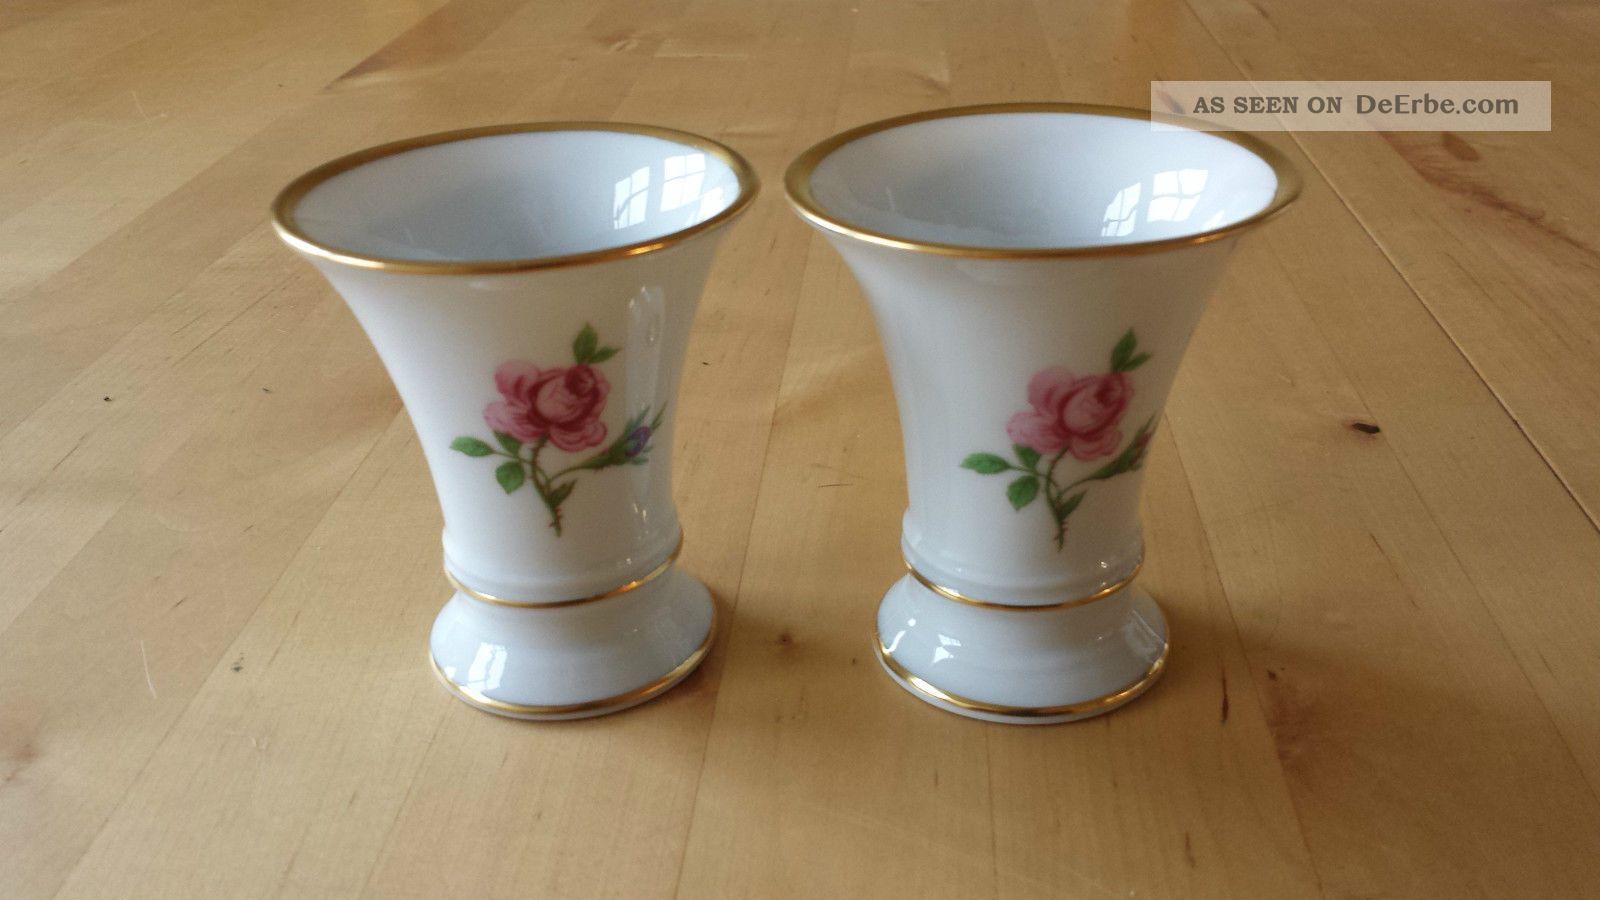 Fürstenberg Trichtervase 02274 - Rote Rose 2 Stück Miniaturvasen Nach Marke & Herkunft Bild